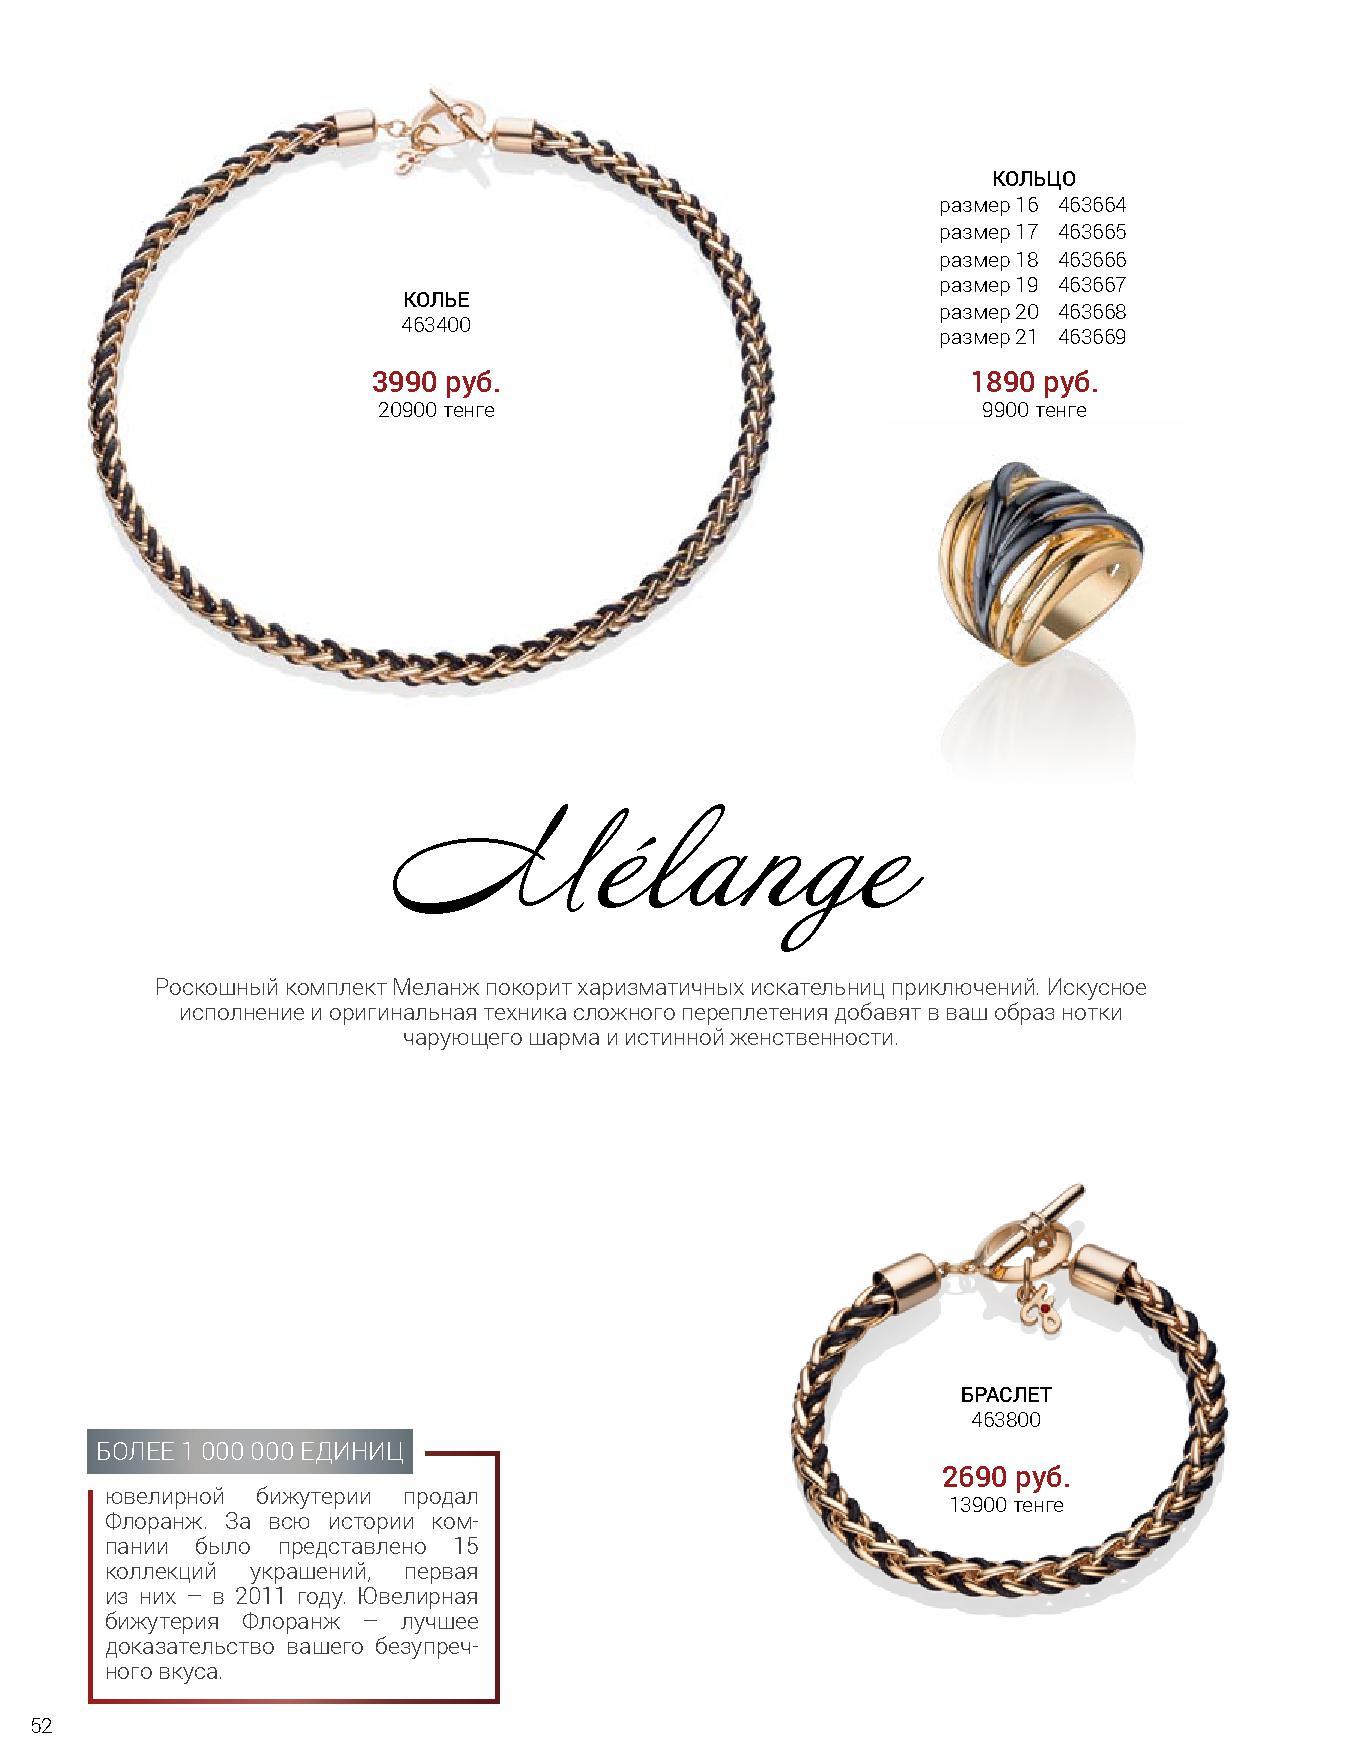 Флоранж - комплект Меланж - колье, кольцо и браслет